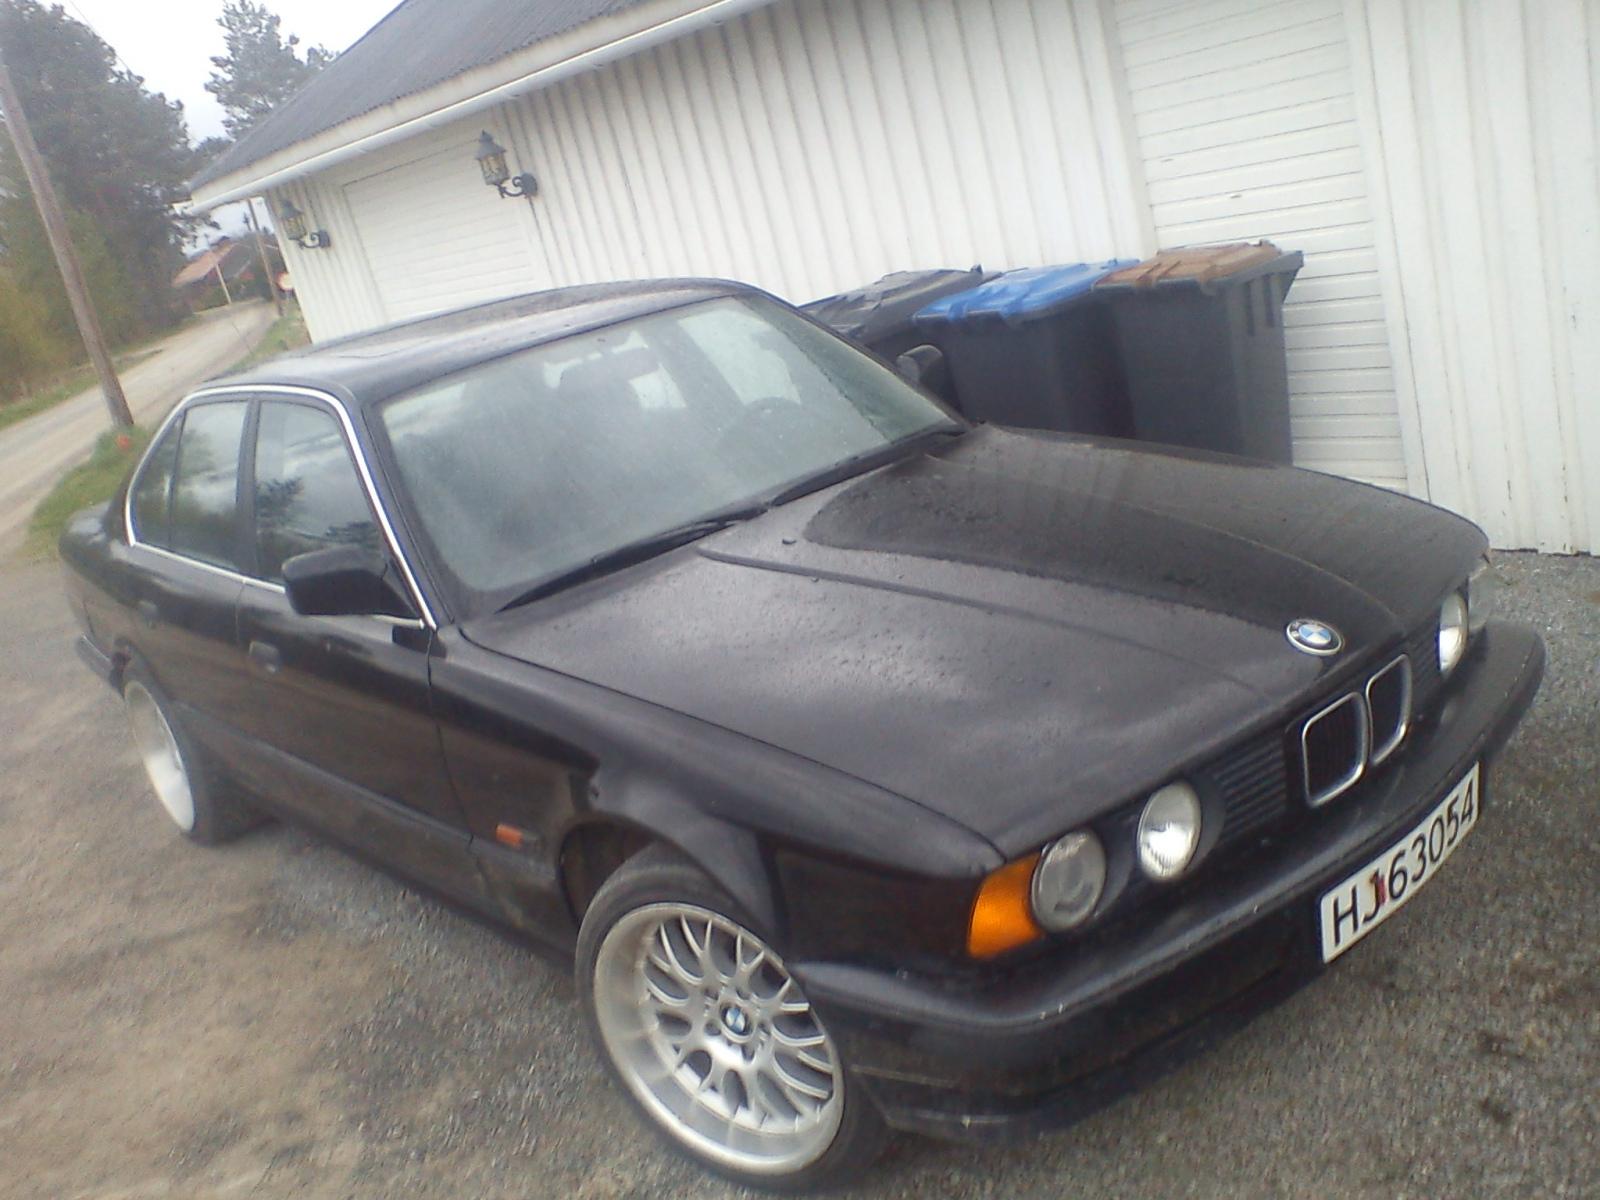 1990 BMW 5-serie E34 520 (M20)